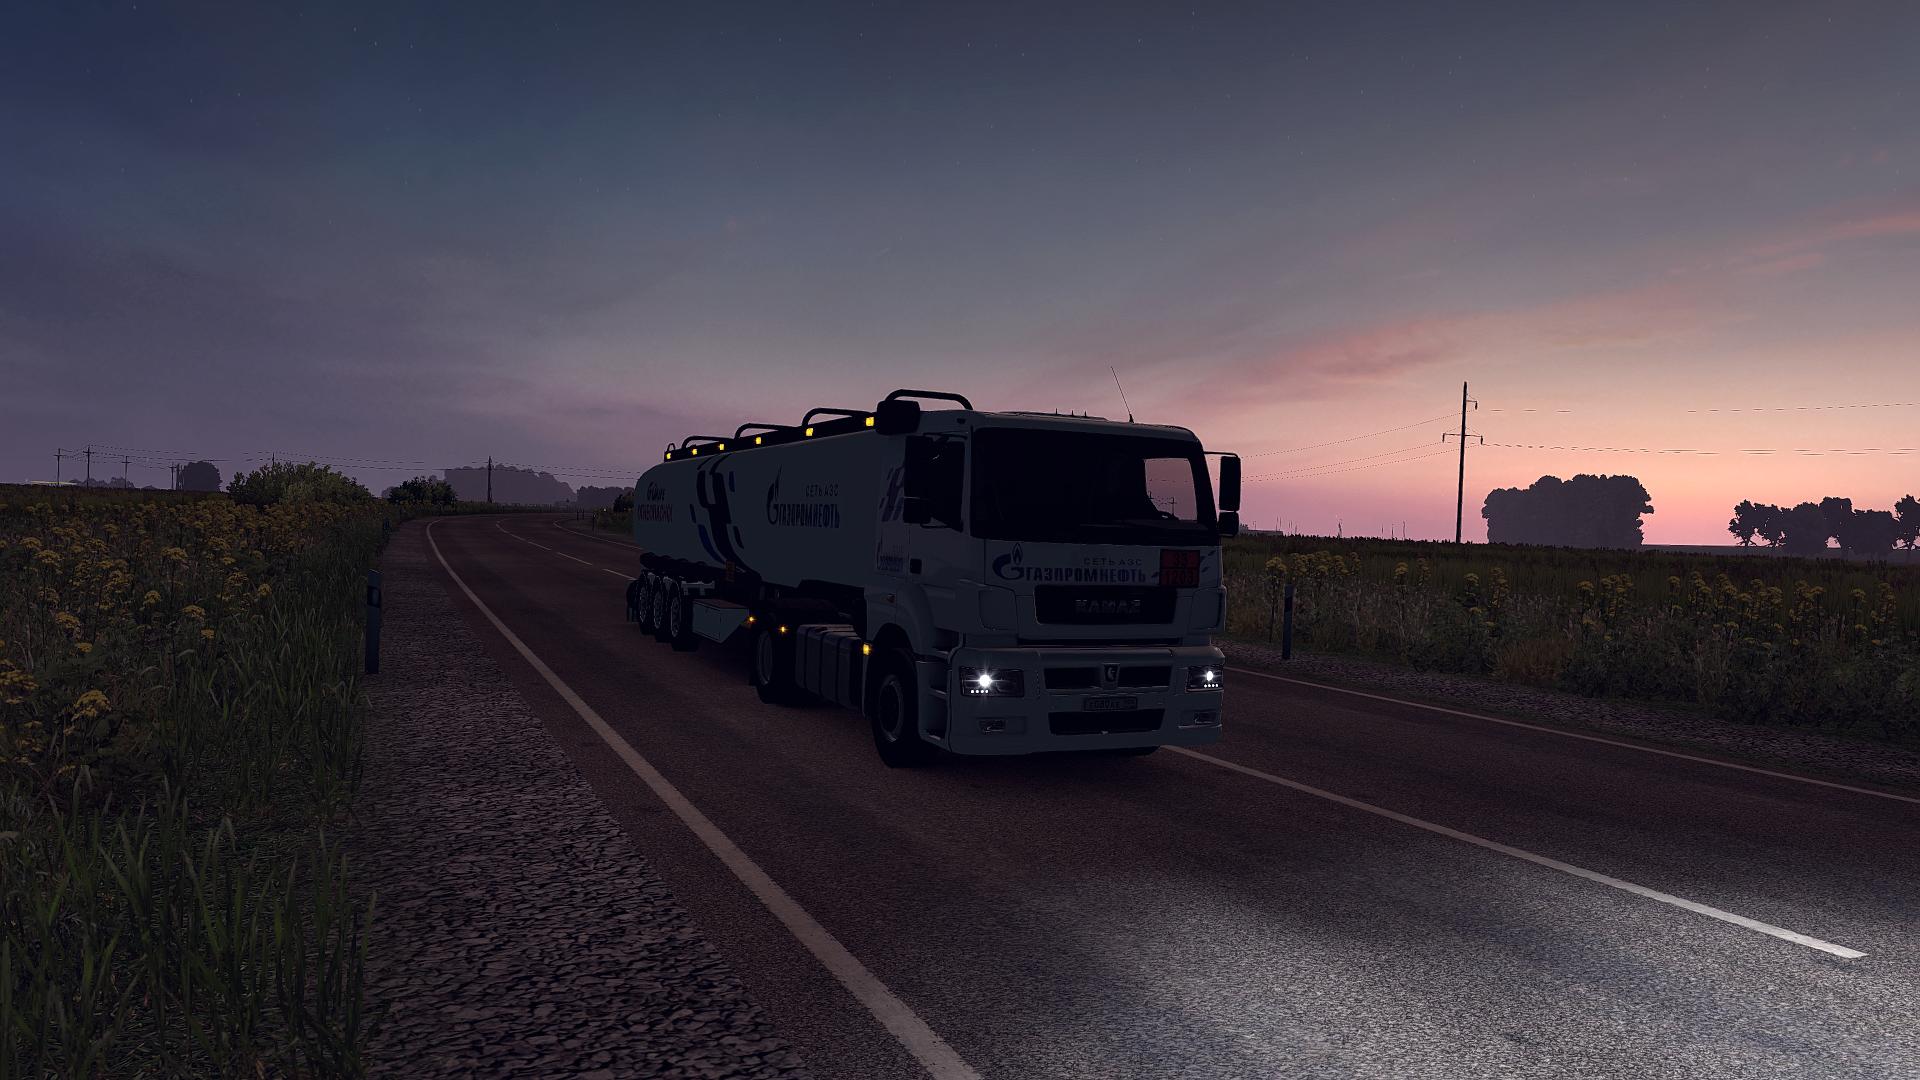 eurotrucks2 2018-05-01 22-39-03.png - Euro Truck Simulator 2